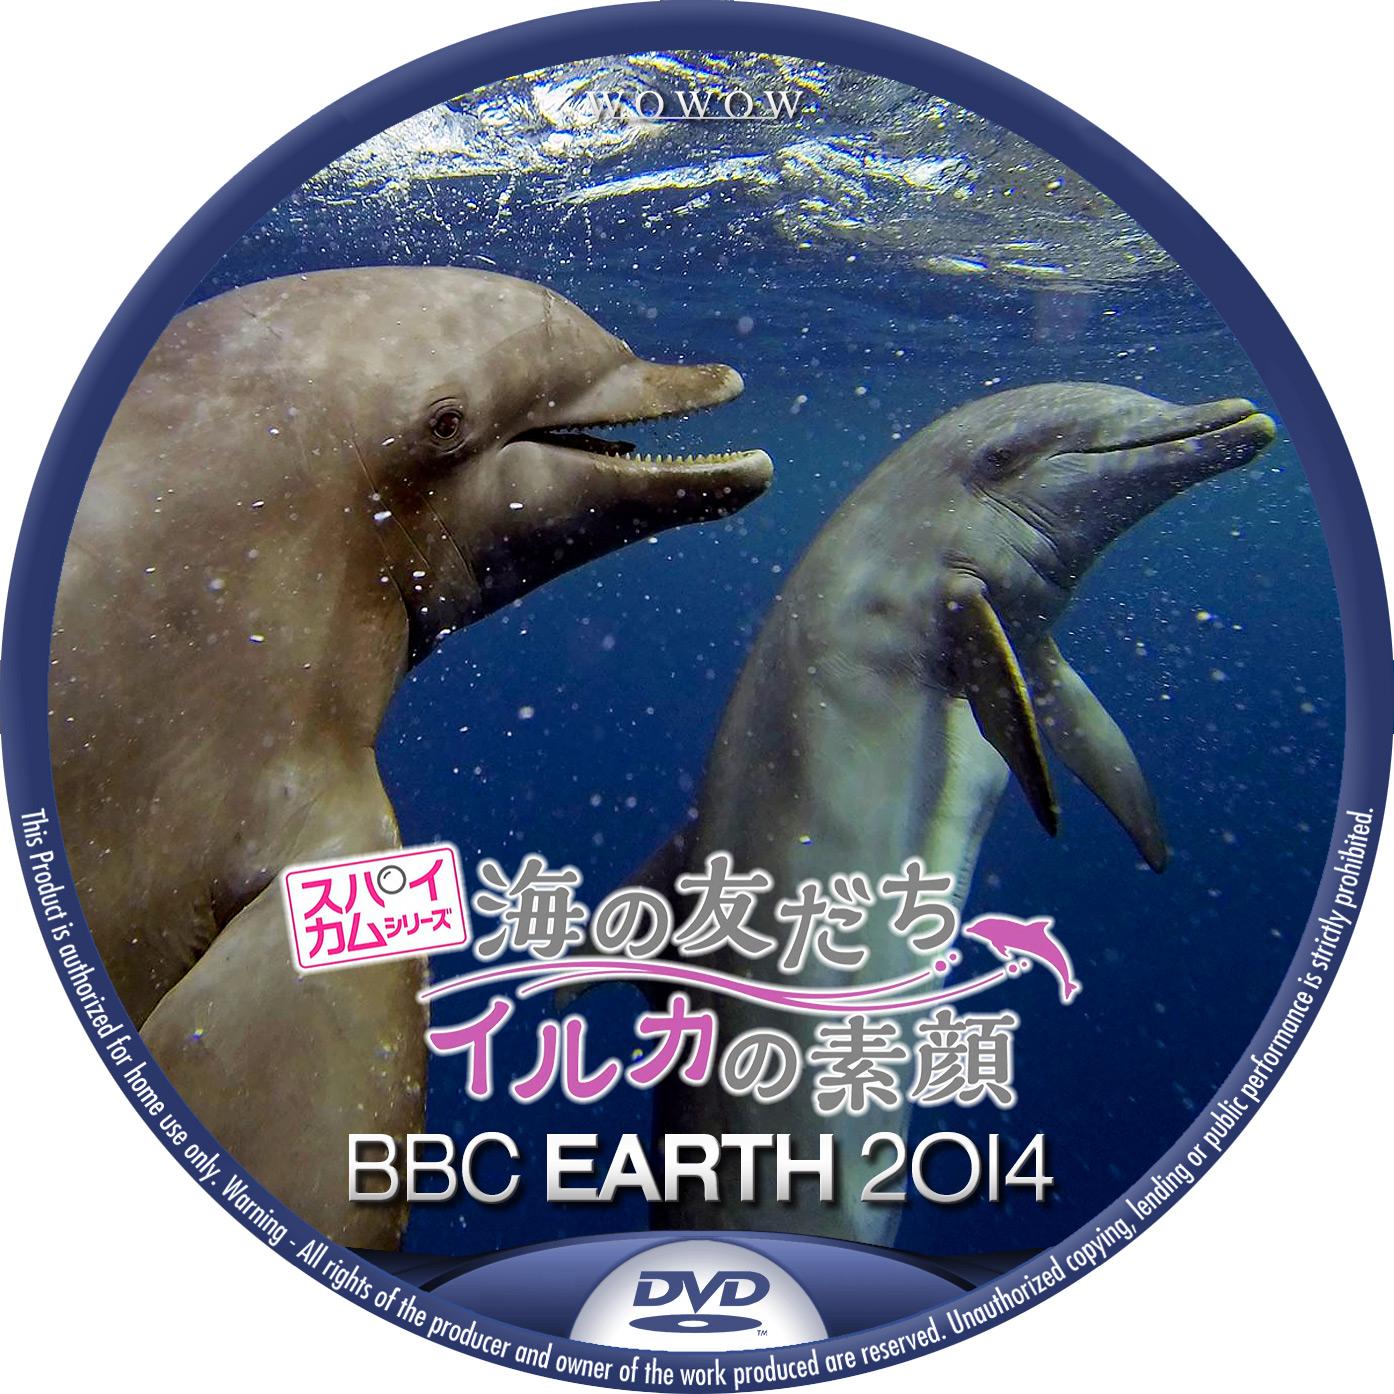 BBC EARTH 2014 スパイカム 海の友だち イルカの素顔 DVDラベル